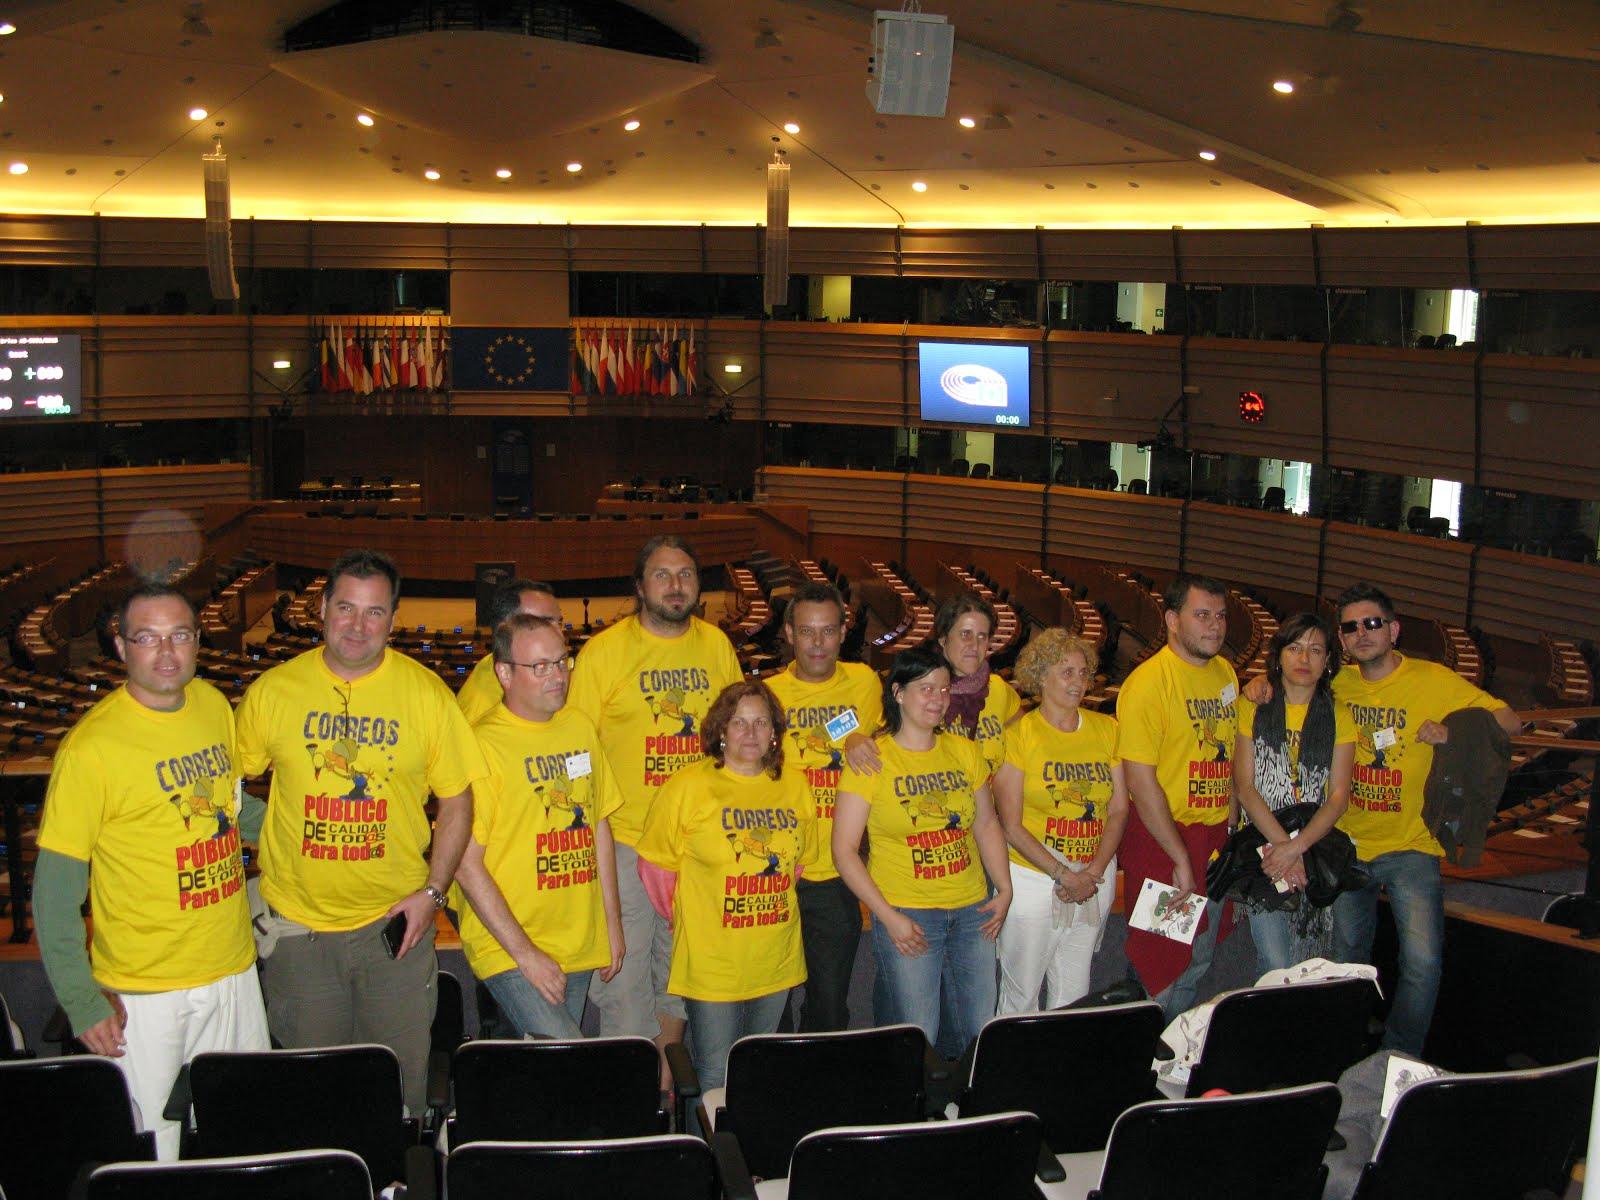 El nostre delegat de Tarragona a Brusseles (el segon per l'esquerra)